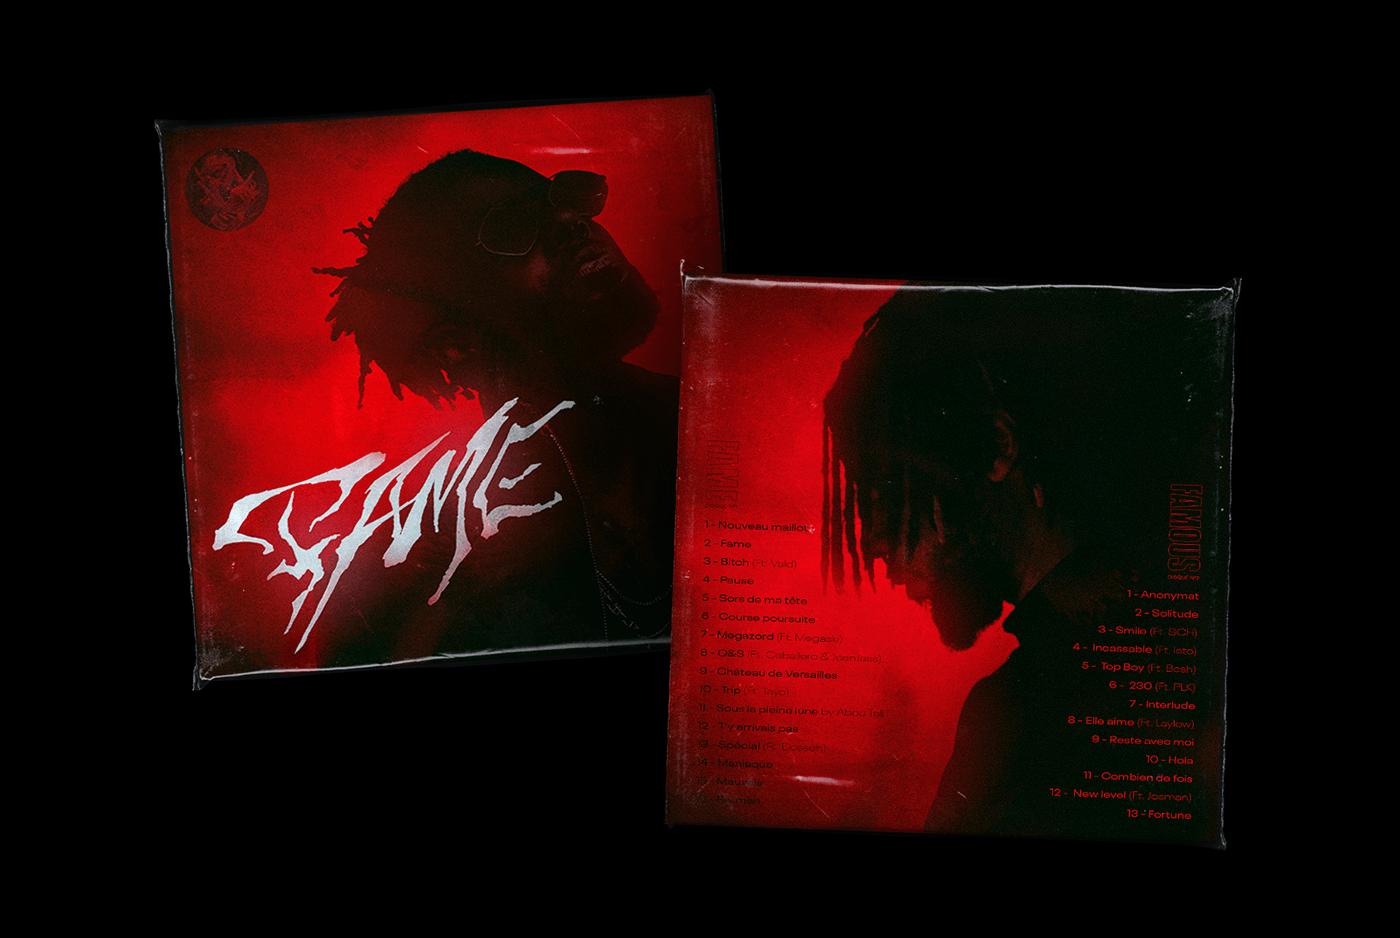 art direction  cd CD cover cover Cover Art digital design graphic design  music album Music Packaging vinyl